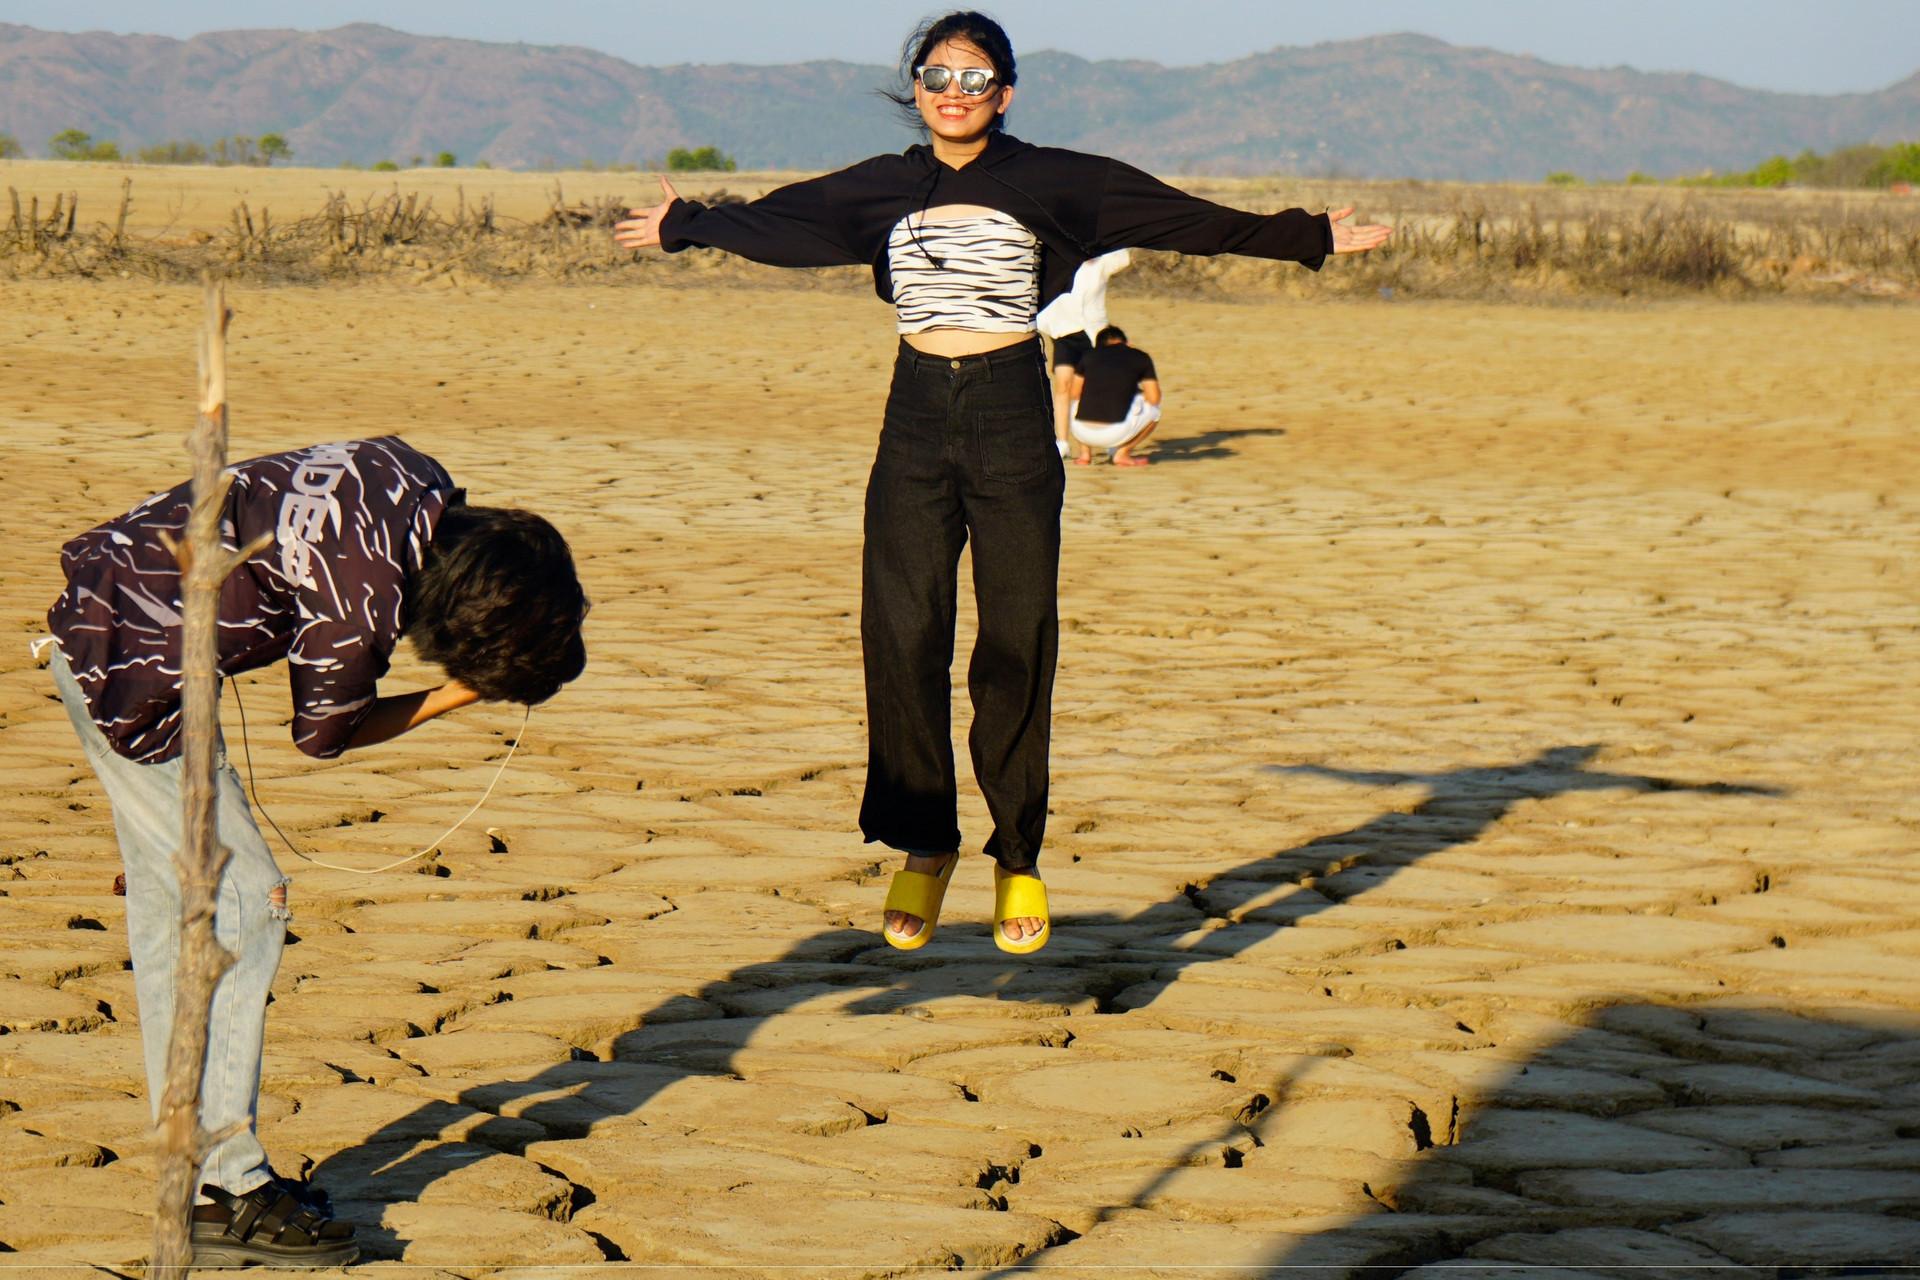 Khu đất khô nứt nẻ có gì hấp dẫn mà giới trẻ kéo nhau đến check in?-1